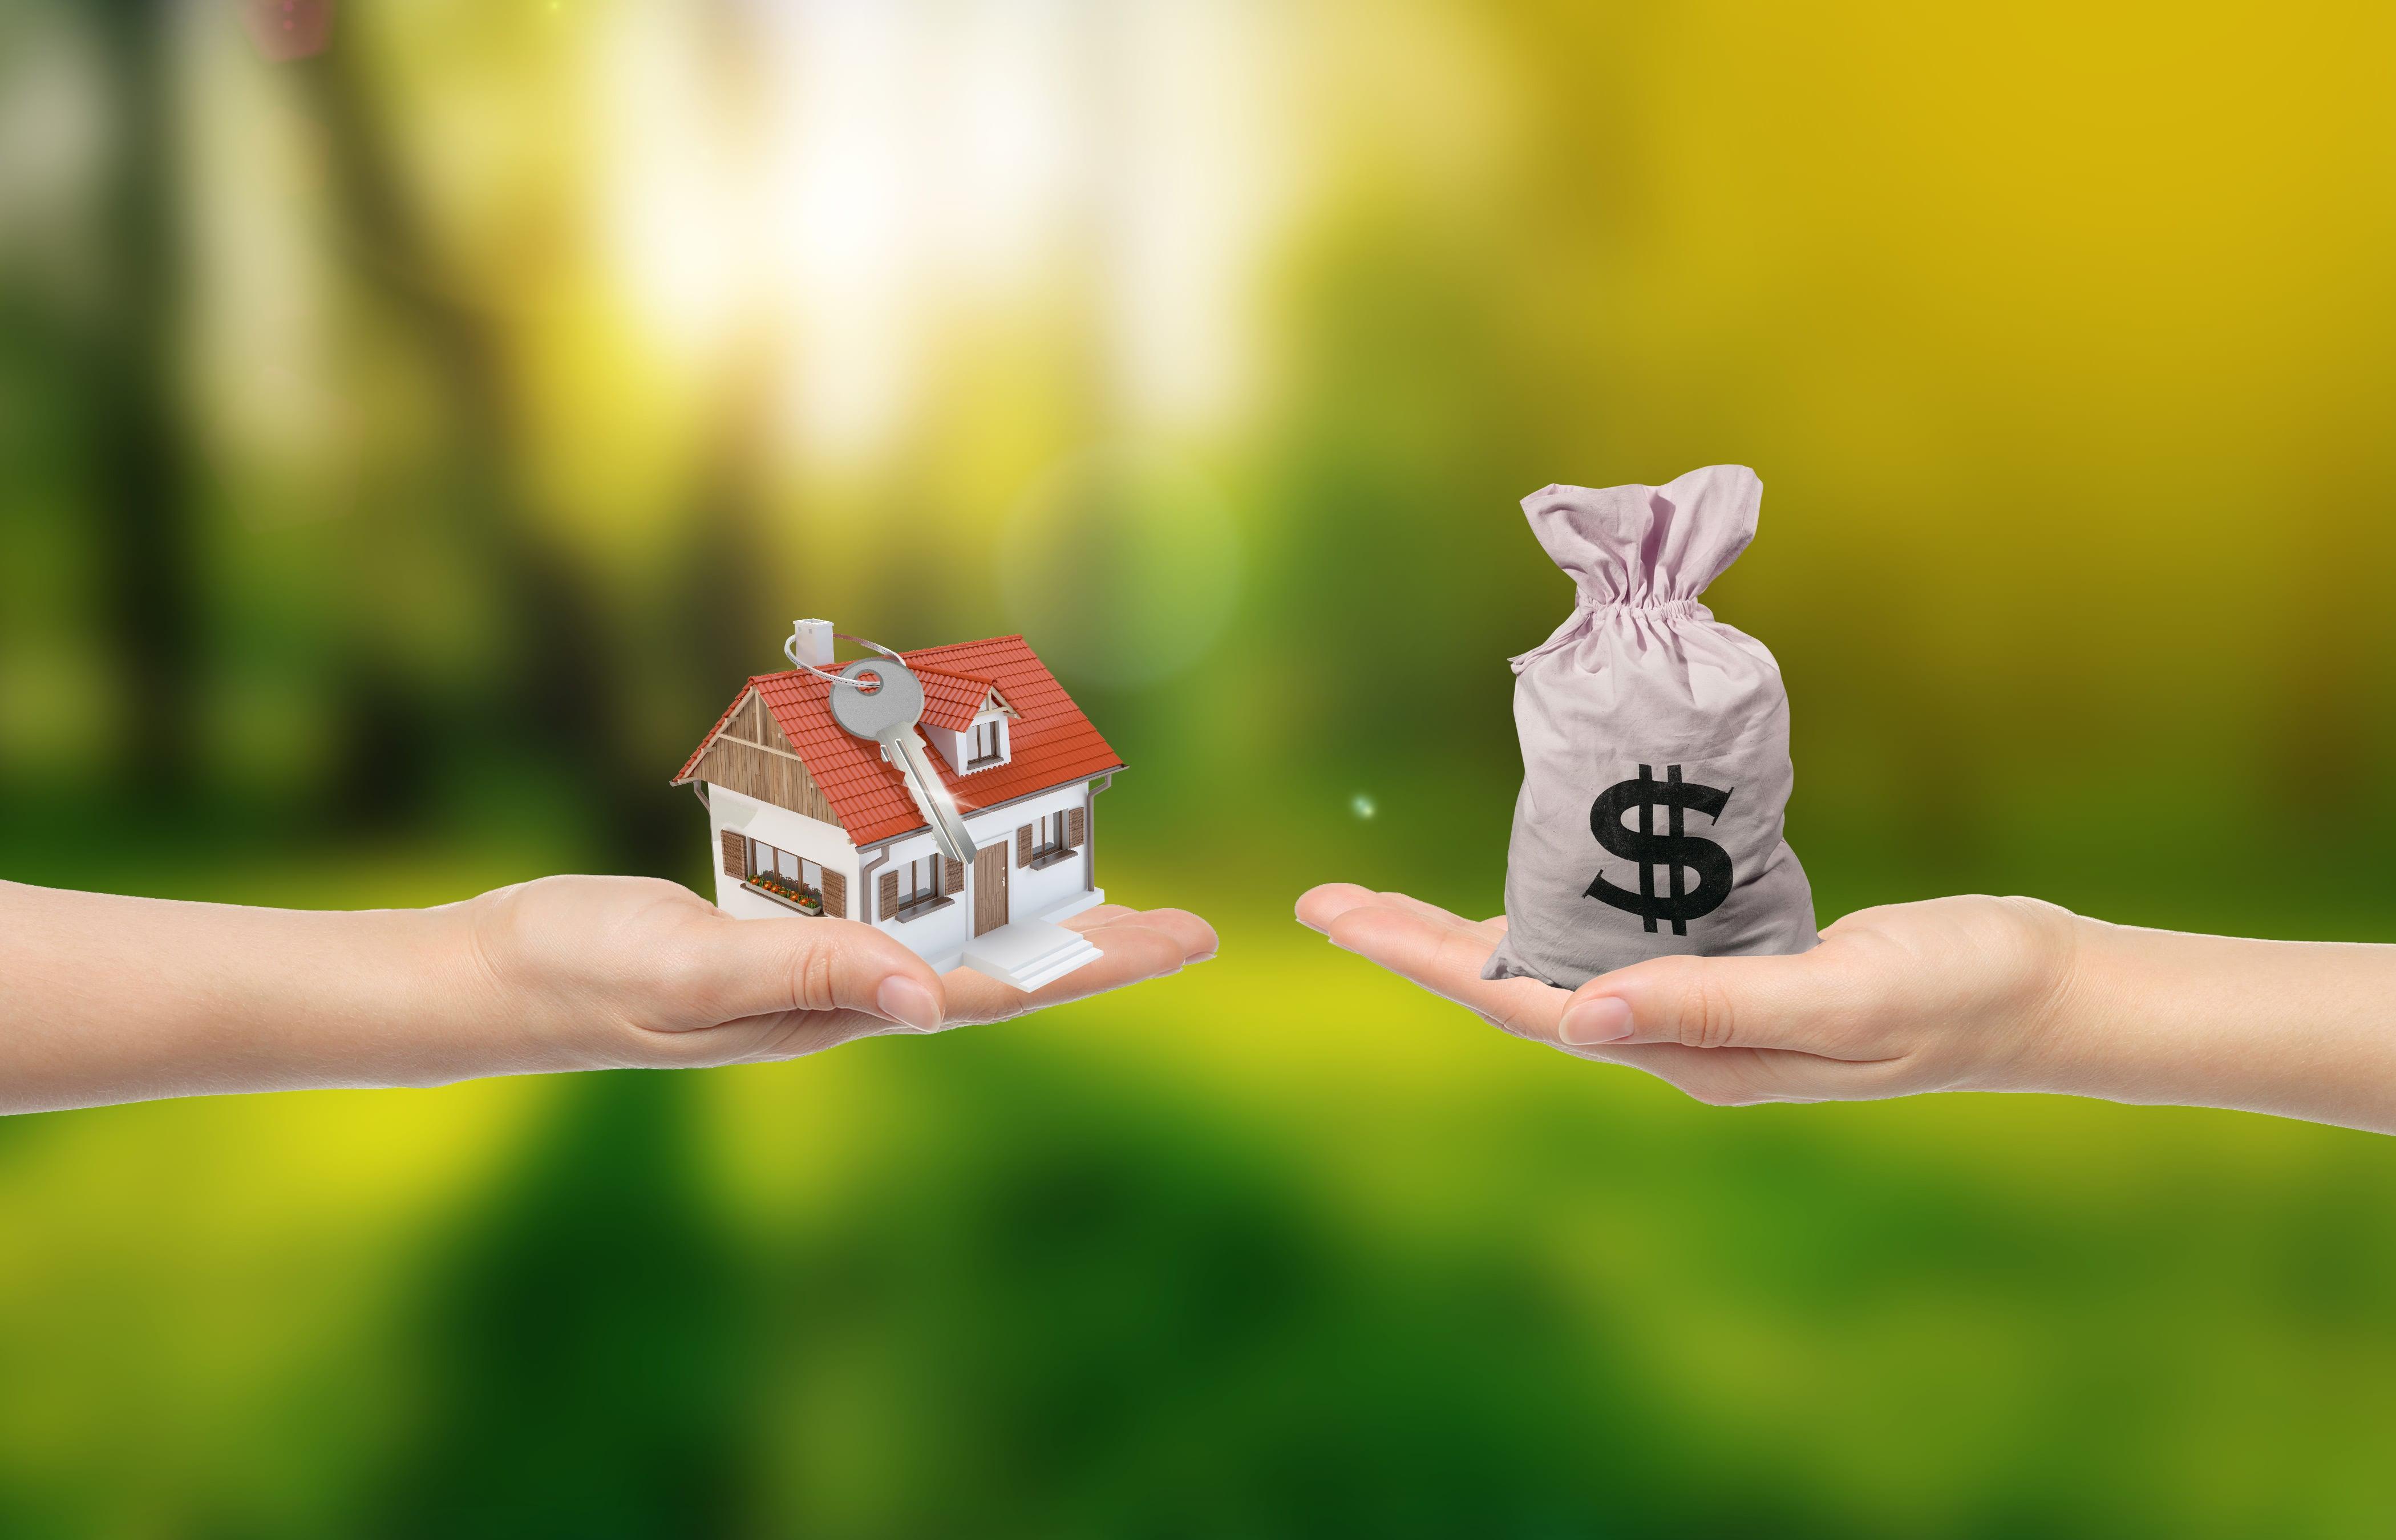 用房产证贷款怎么贷?人民币贷款的基准利率是多少?